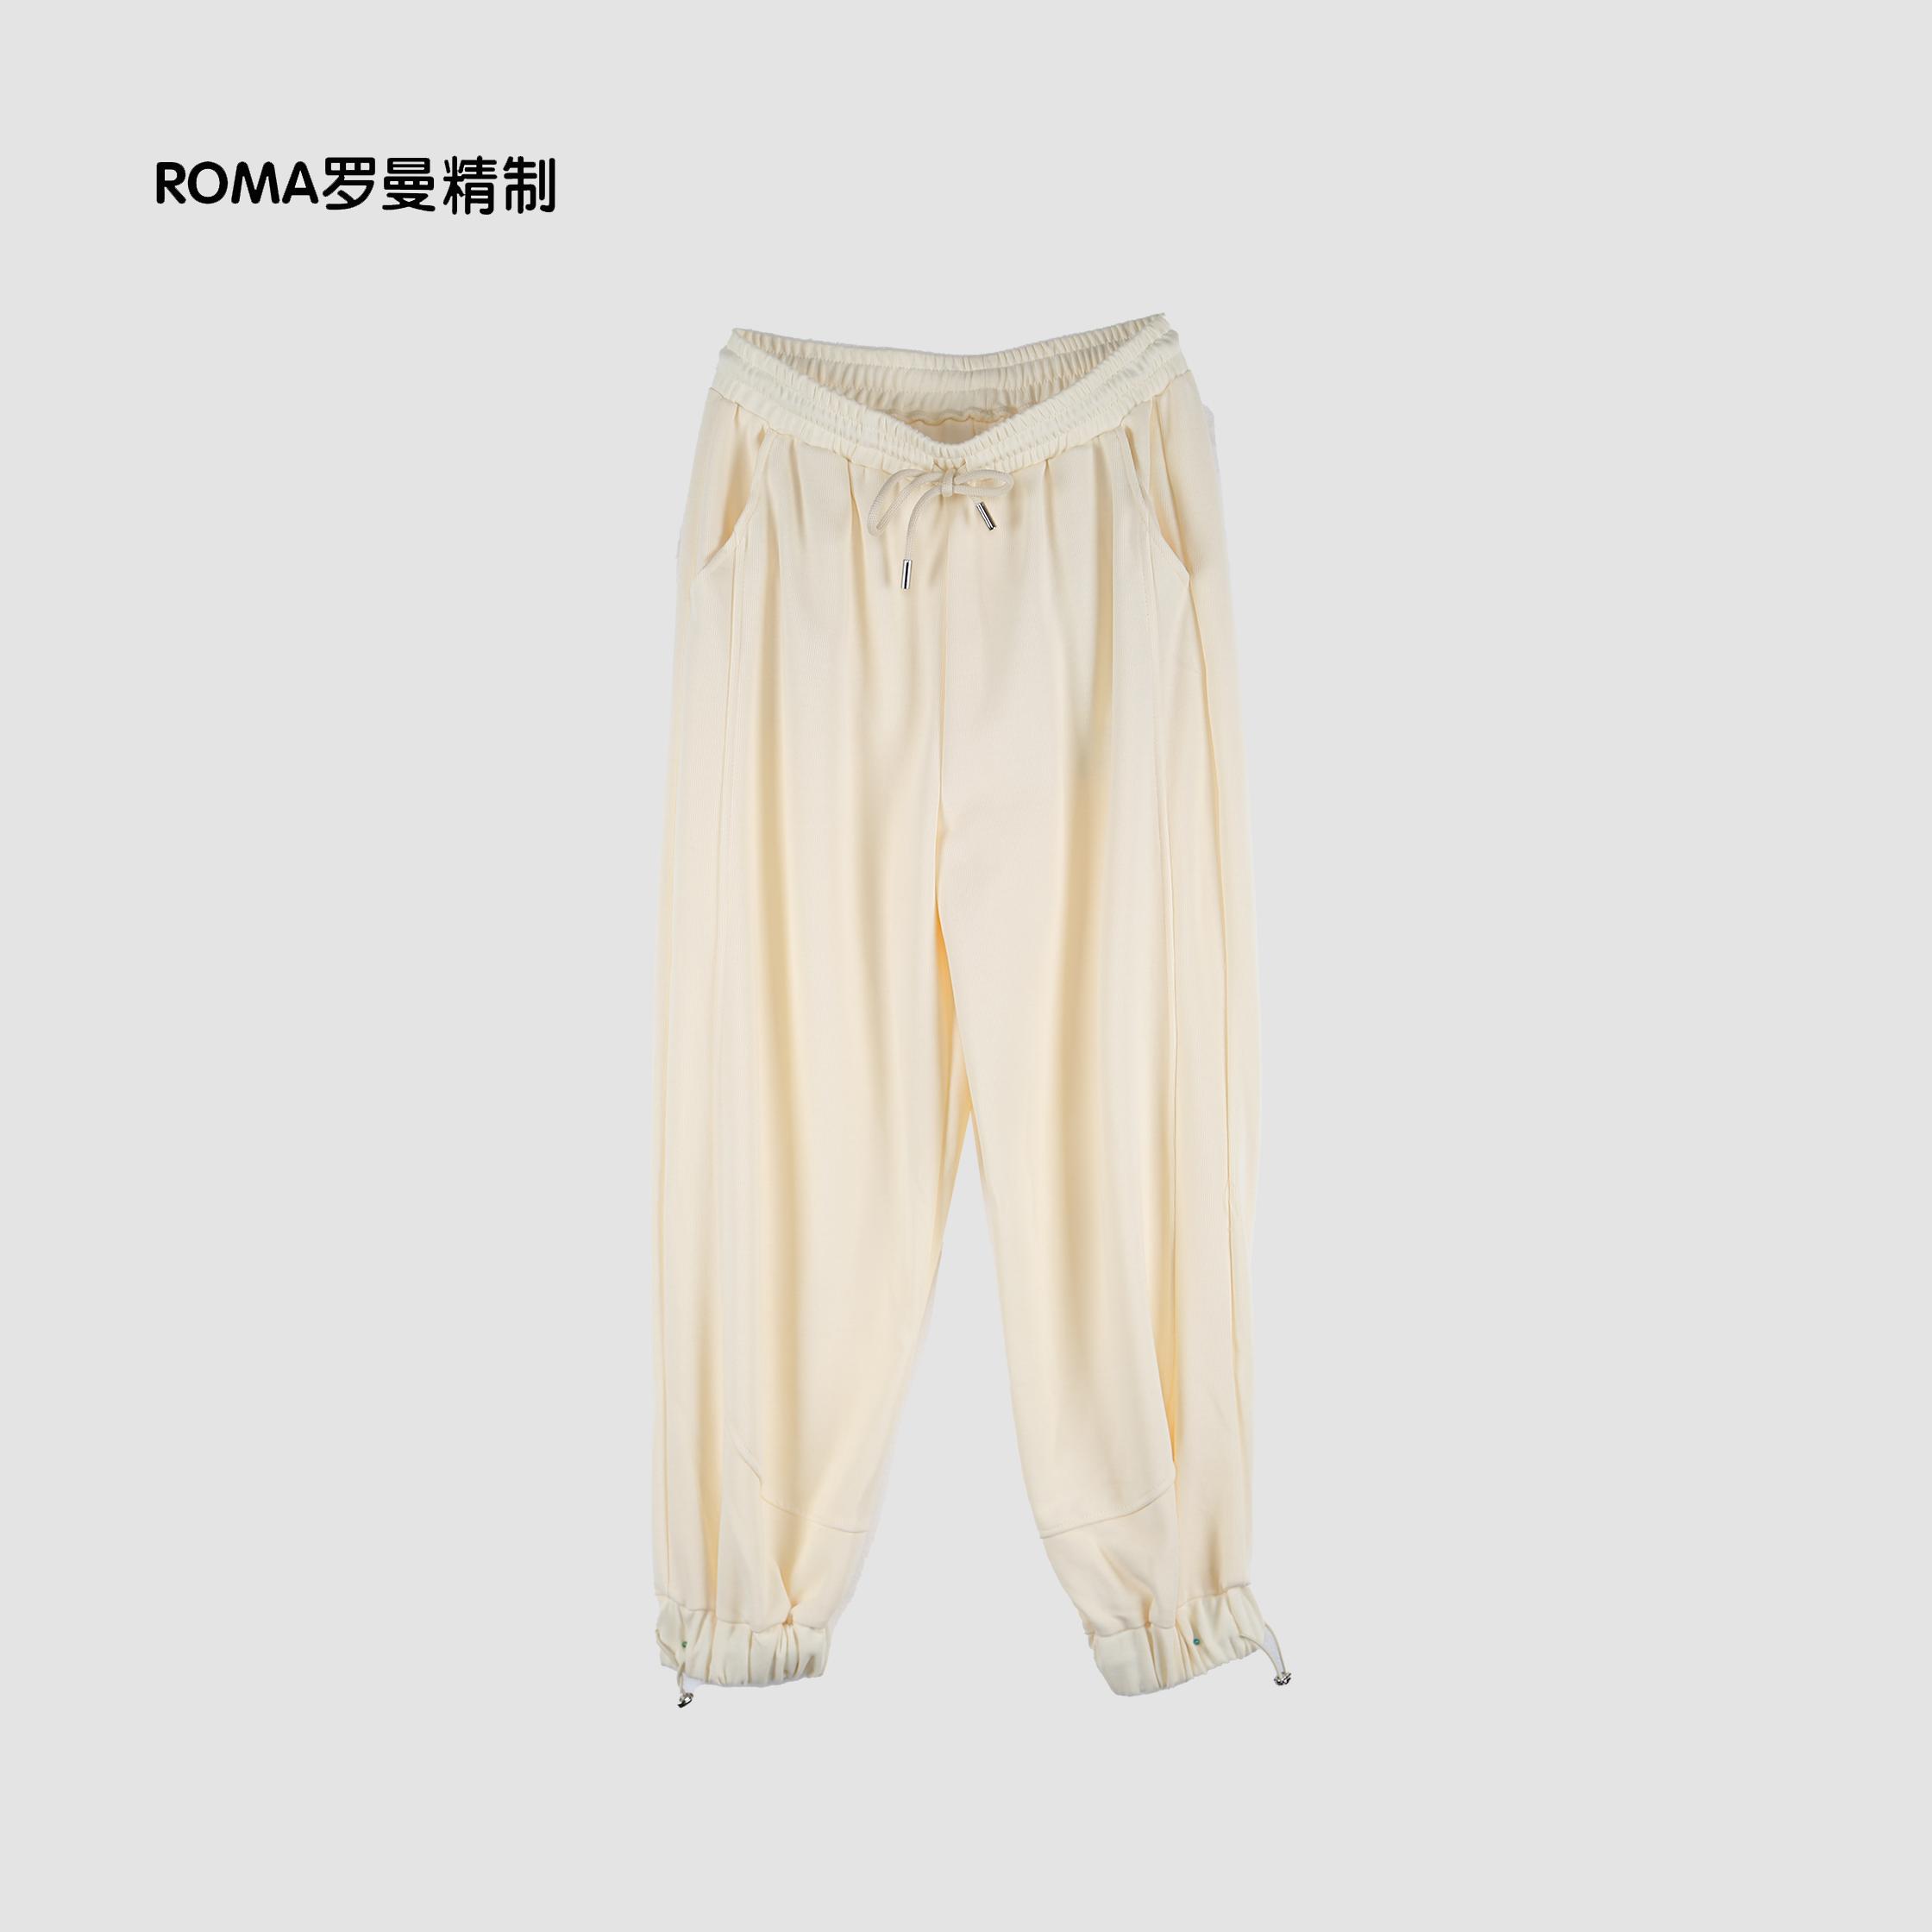 【安琪琪Amy专享】ROMA罗曼精制 2021女士休闲裤  LCMW3K2018